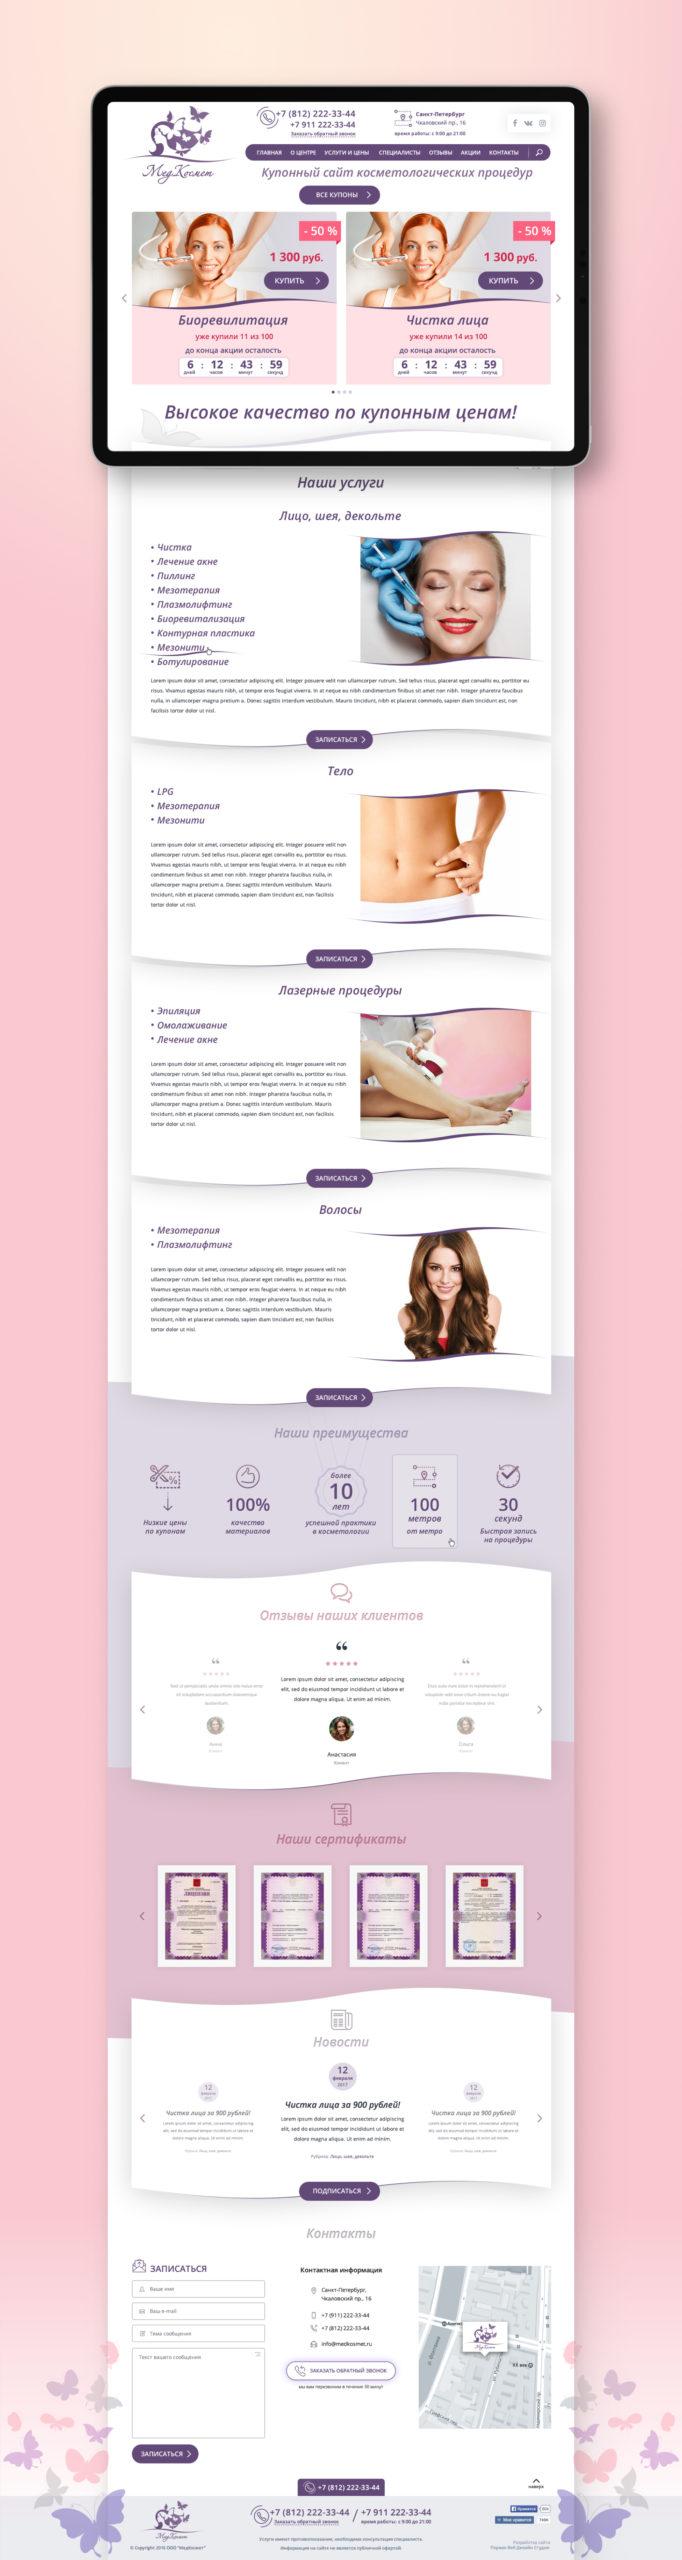 Логотип и дизайн сайта косметологических процедур